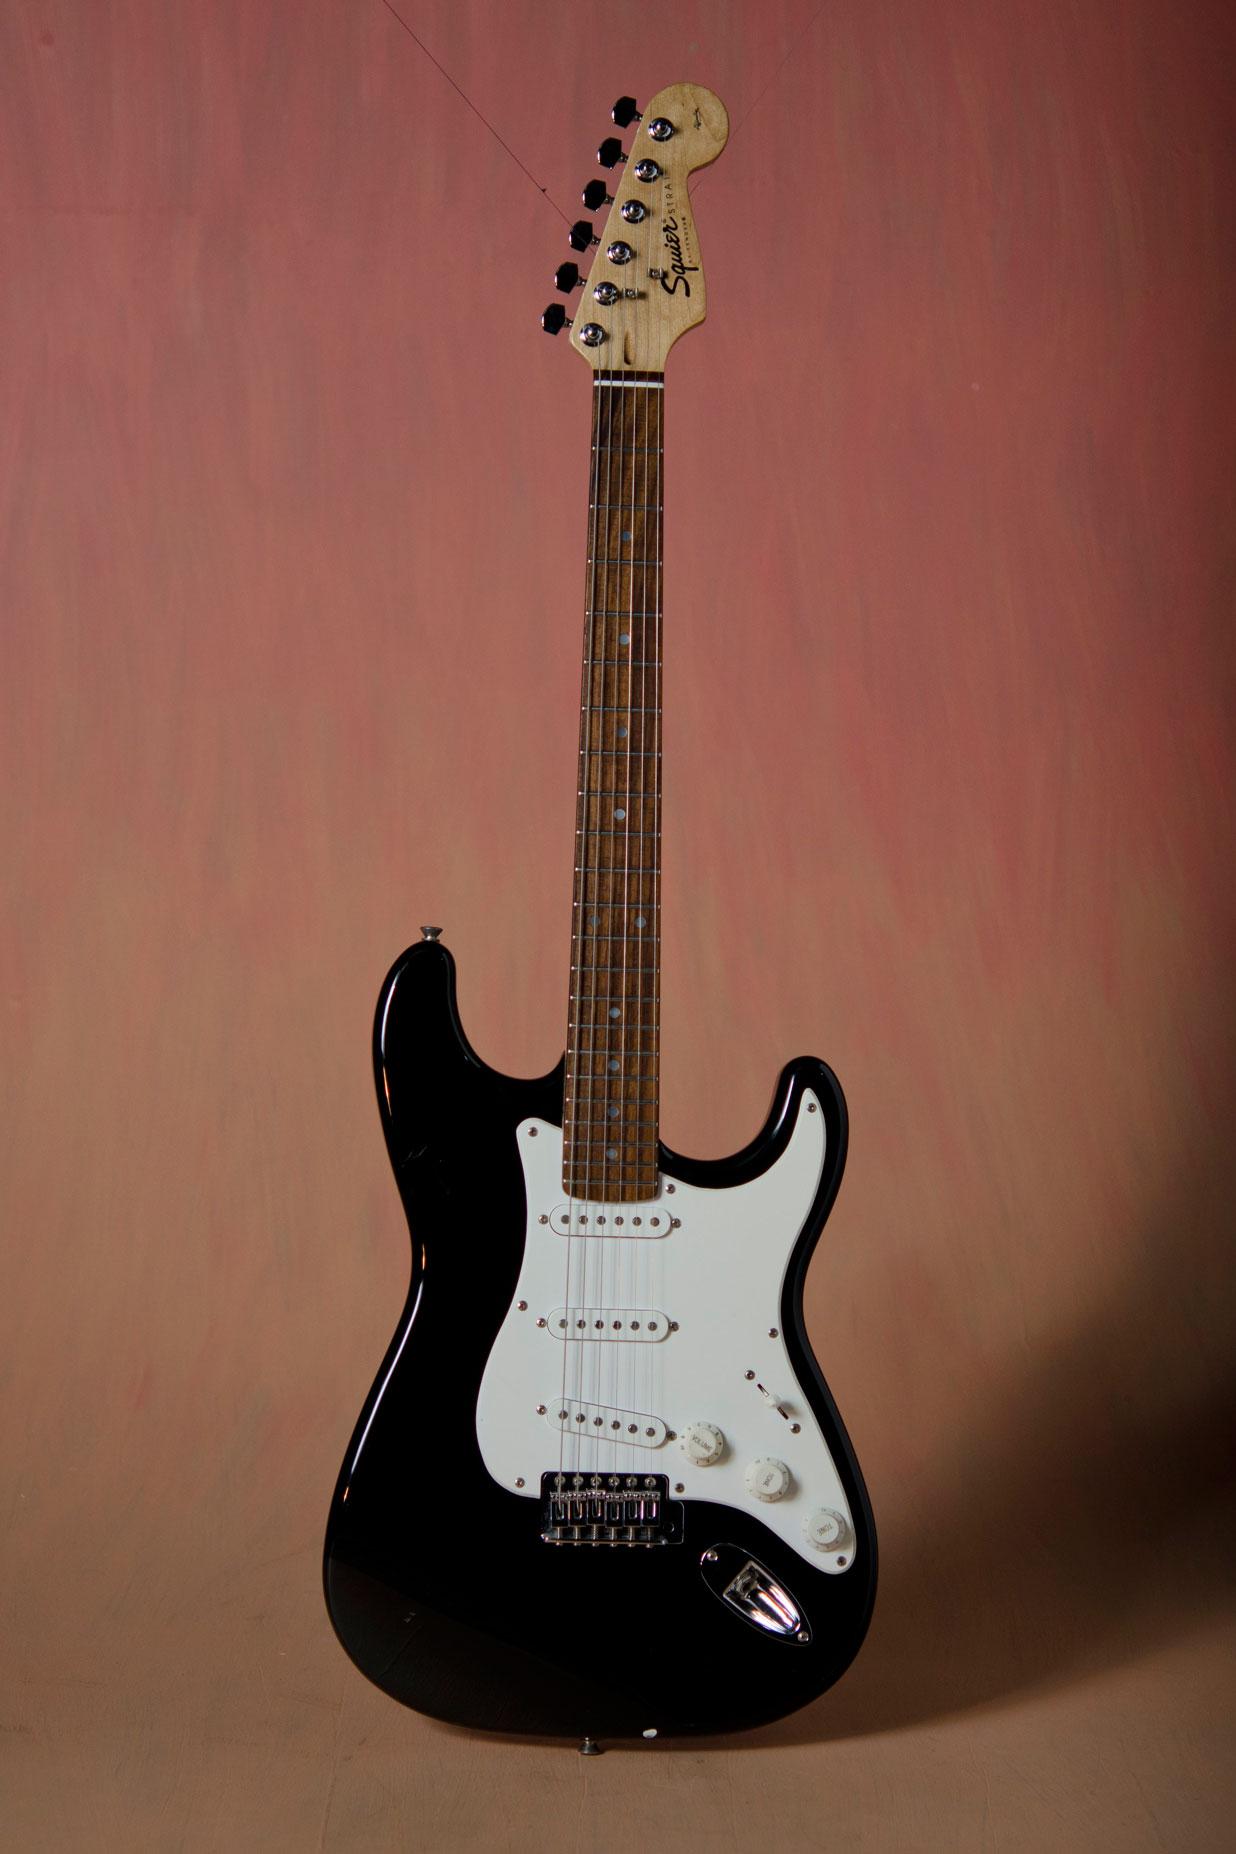 Squier by Fender กีต้าร์ไฟฟ้ามือสอง